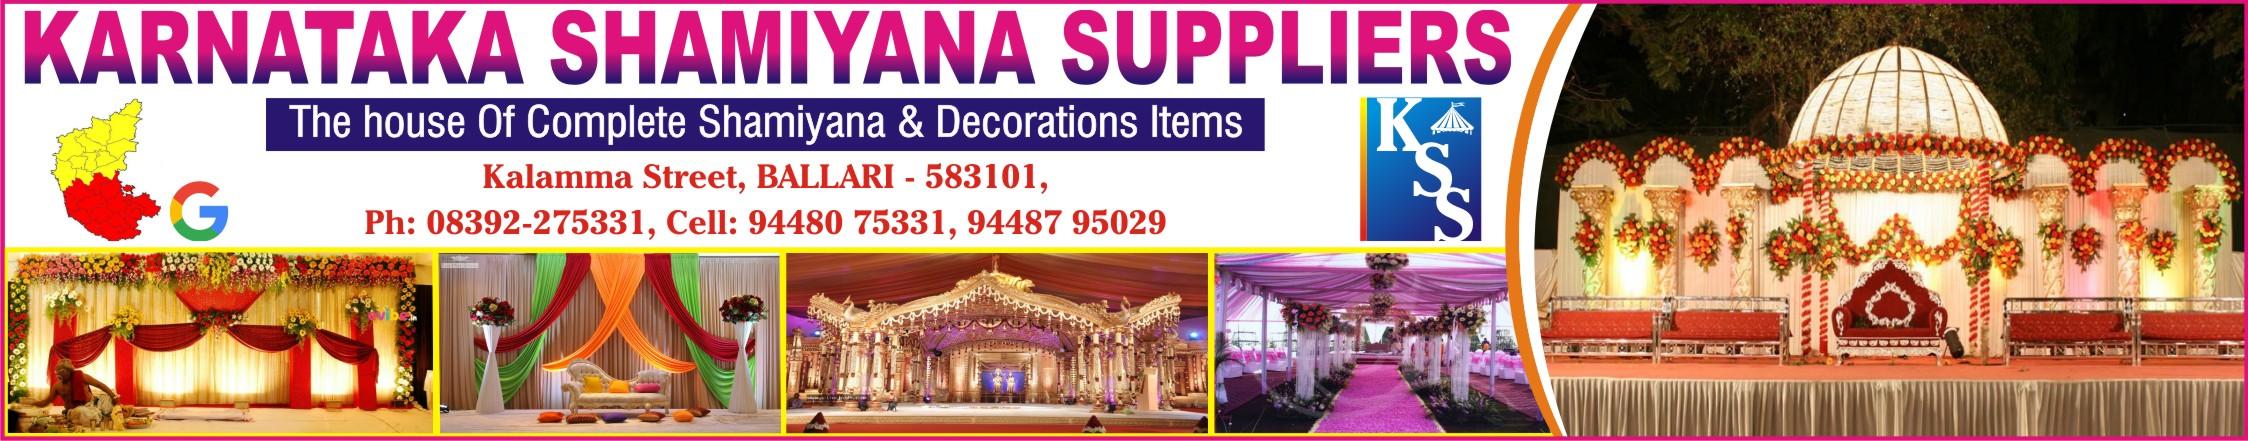 Karnataka Shamiyana Suppliers